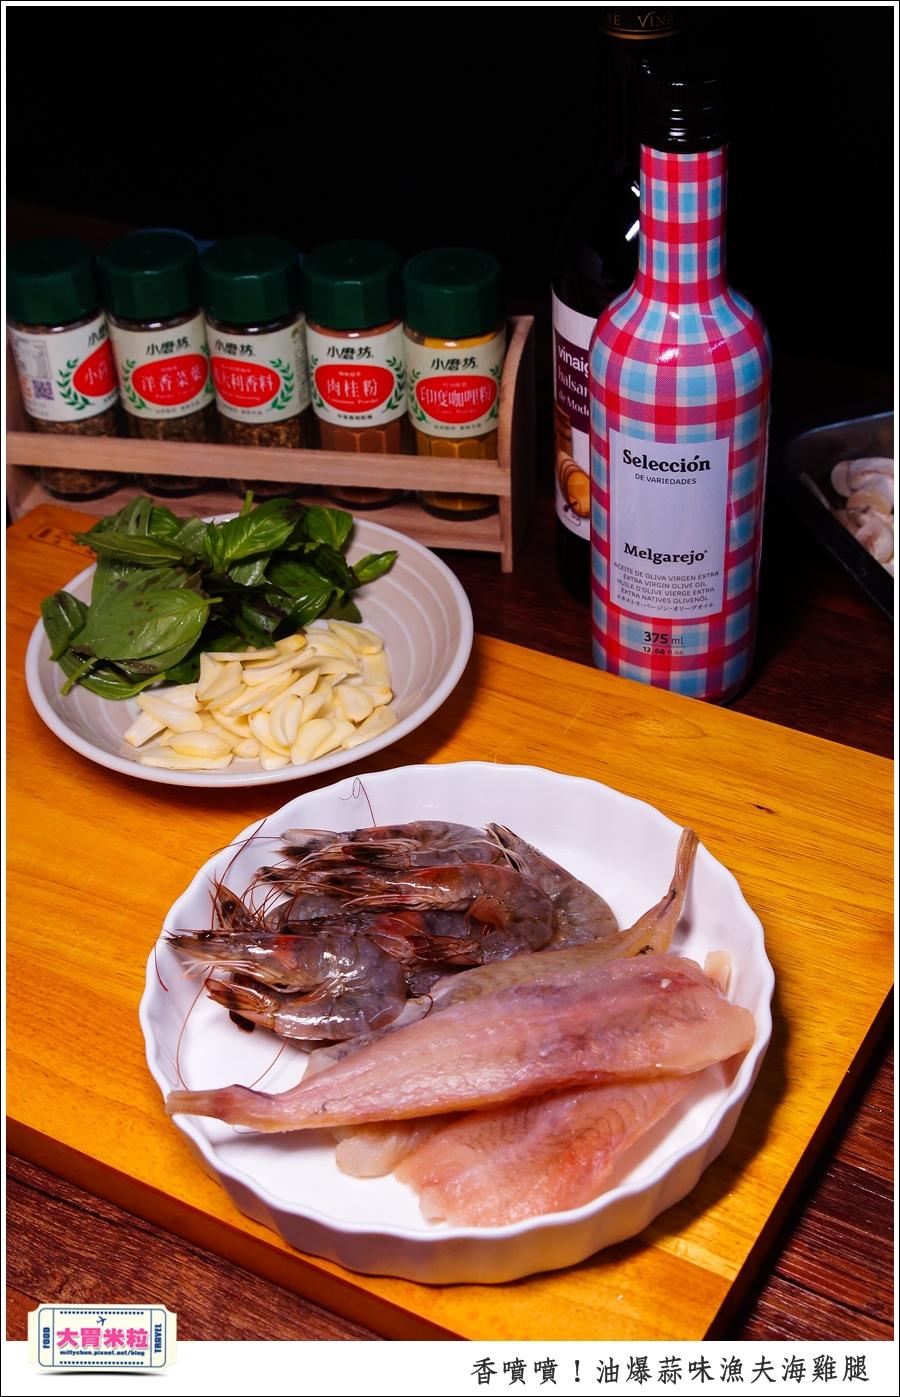 油爆蒜味漁夫海雞腿x梅爾雷赫頂級初榨橄欖油@大胃米粒0001.jpg